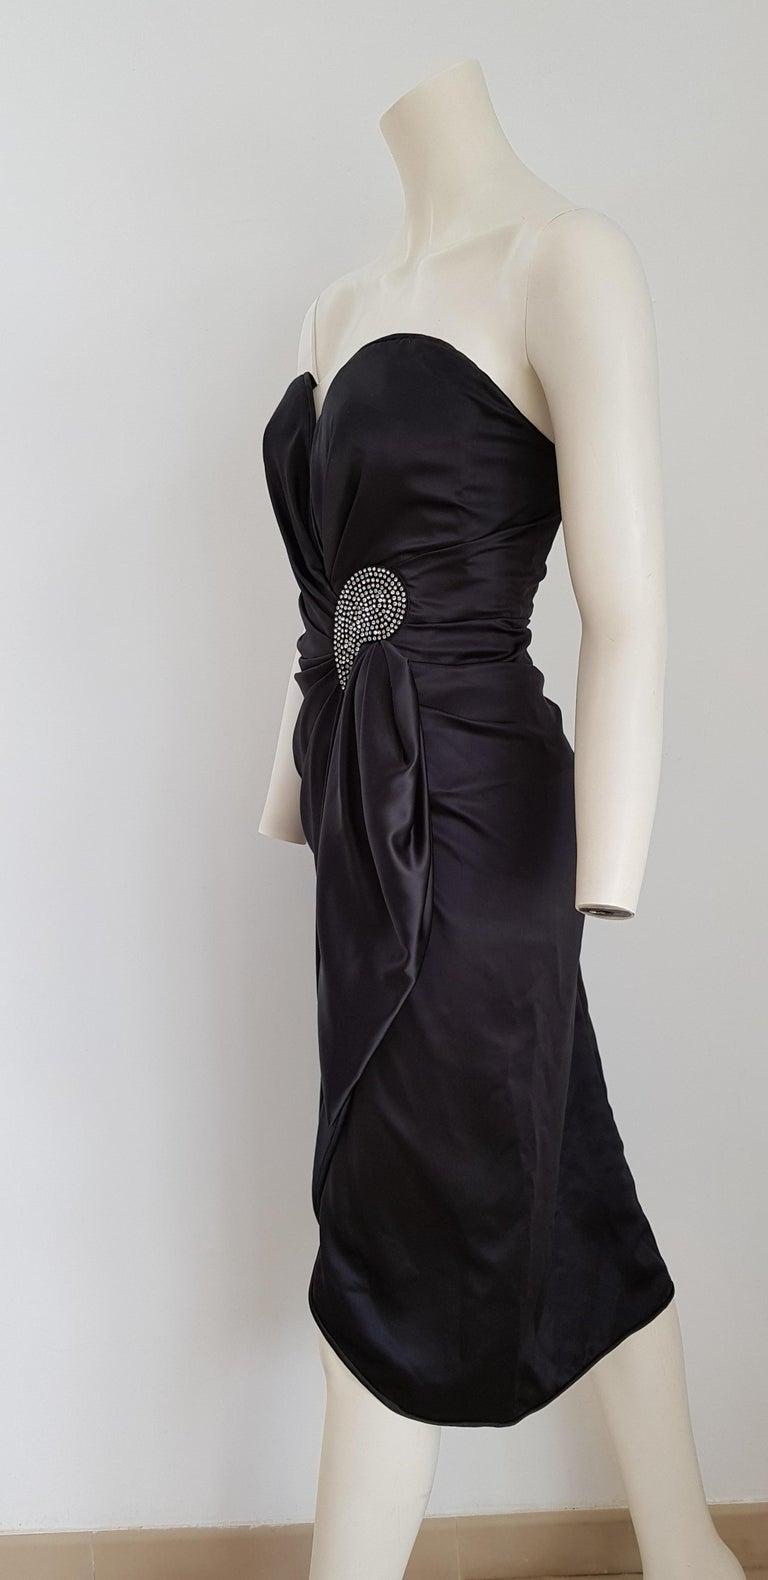 VALENTINO Haute Couture Swarovski Diamonds Drop in Front, Silk Gown- Unworn, New For Sale 1